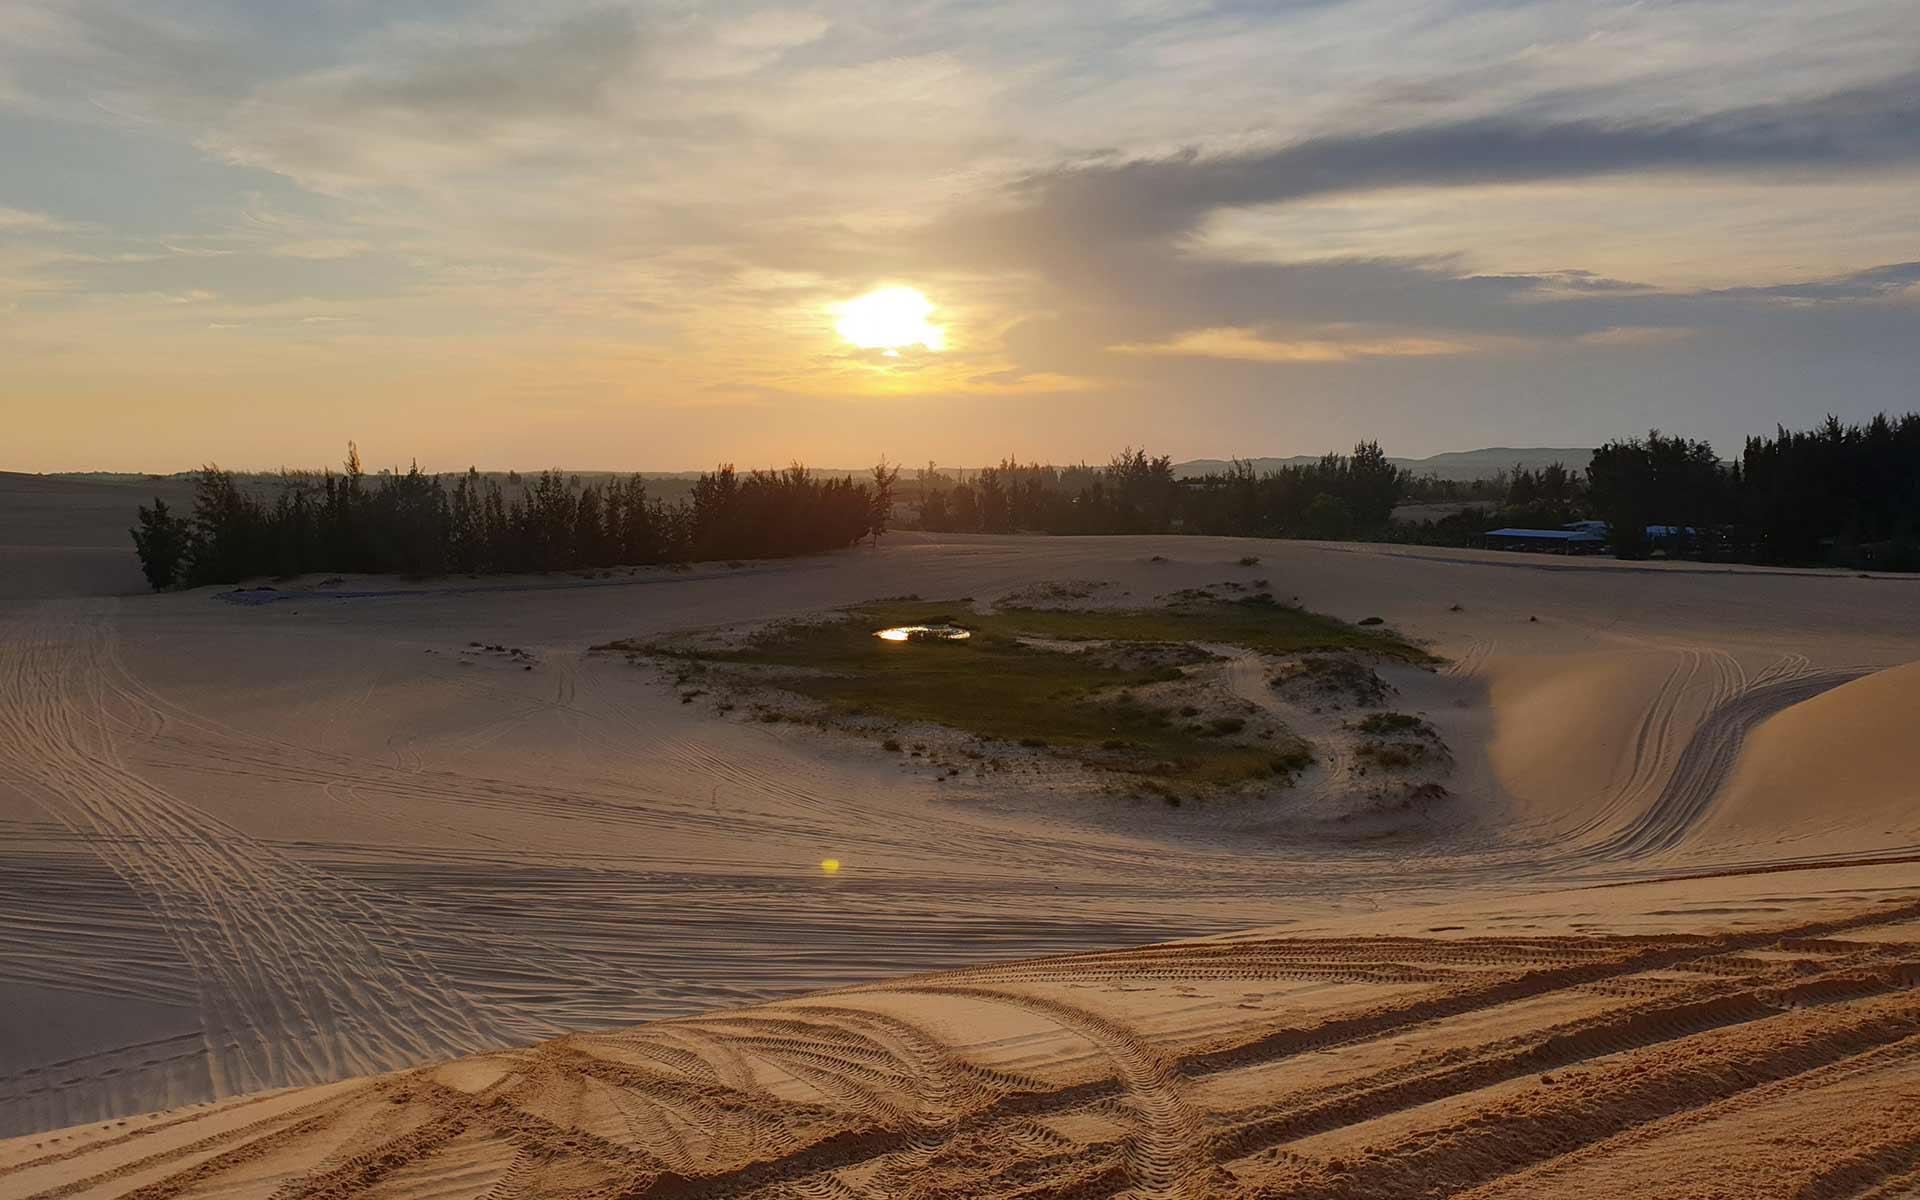 Sand dune in Mui Ne, Phan Thiet